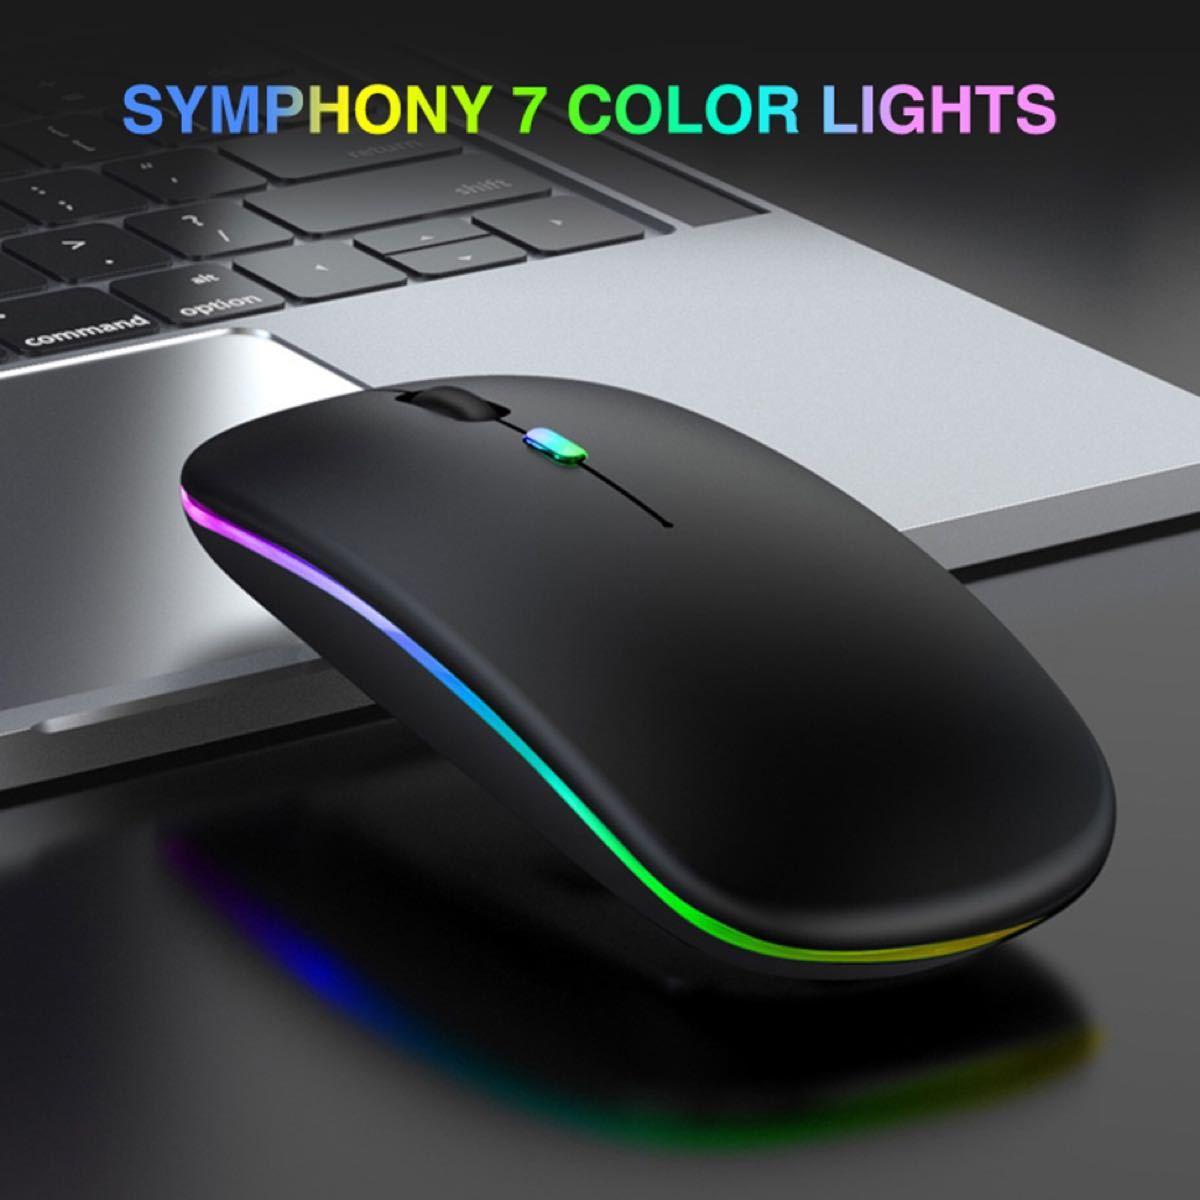 超静音 光る ワイヤレスマウス 無線マウス 静音 軽量 超薄型 USB充電式 スリムデザイン 充電式 USB 7色LED